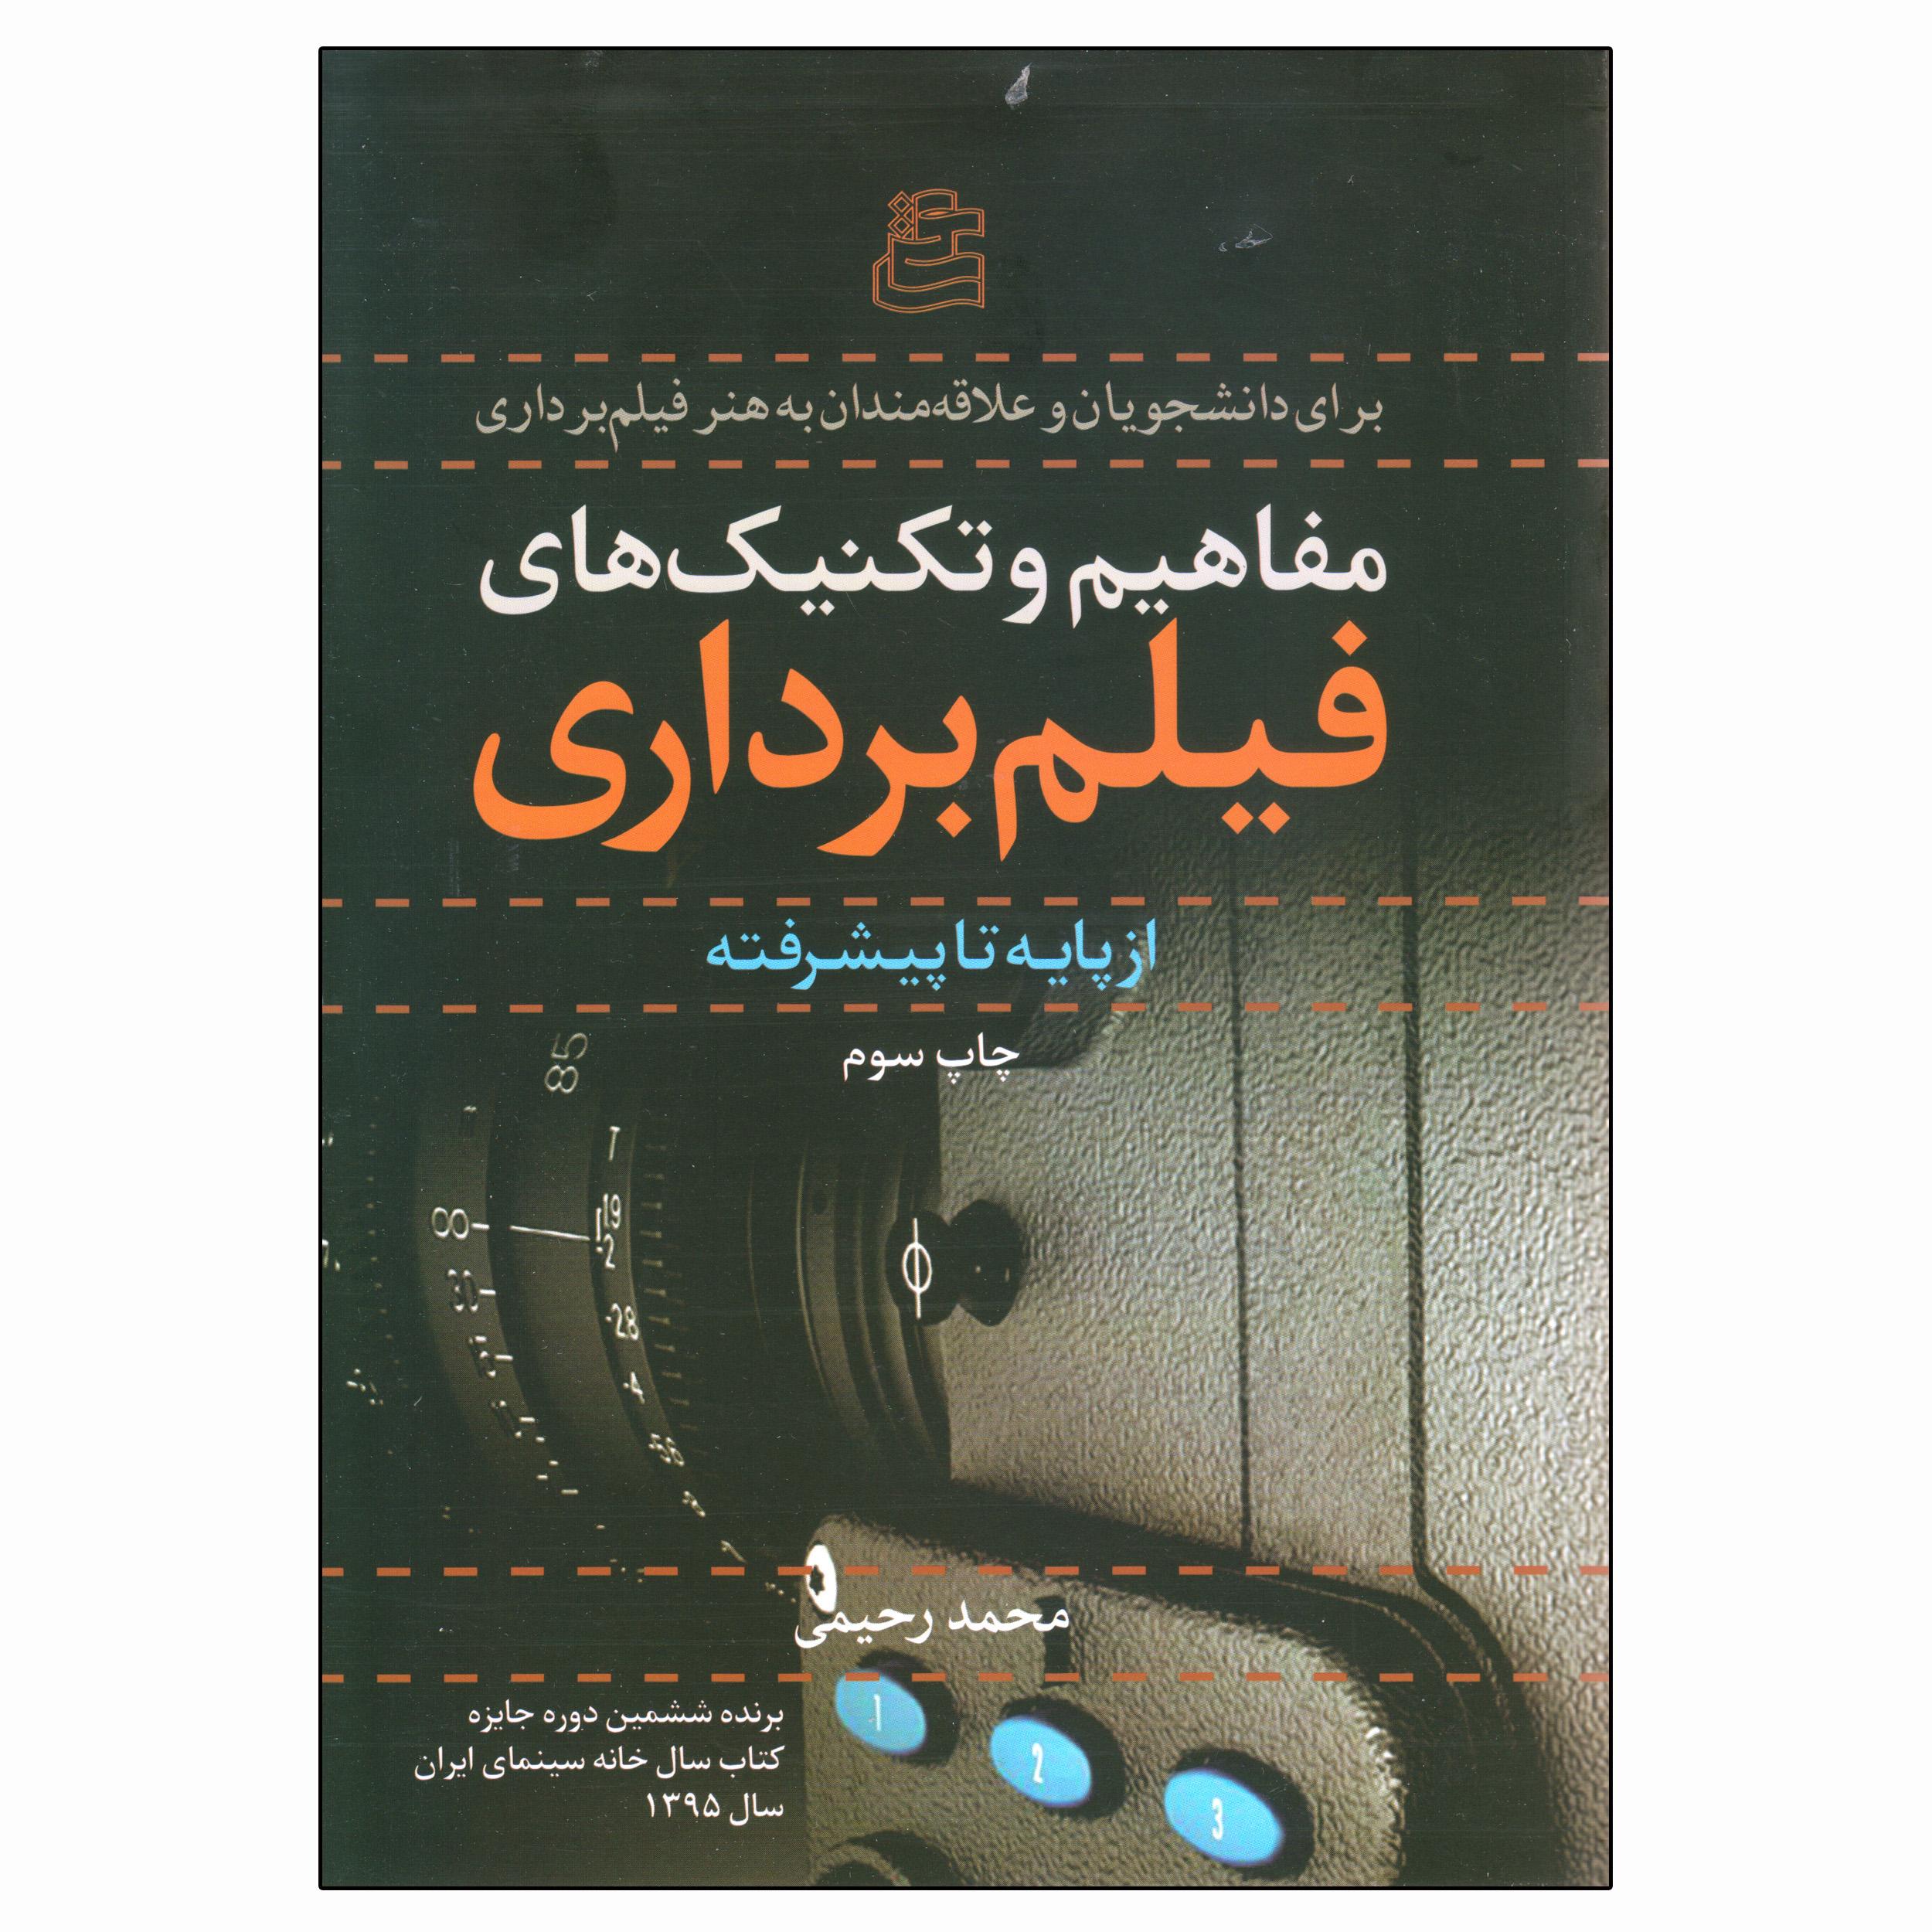 خرید                      کتاب مفاهیم و تکنیک های فیلم برداری از پایه تا پیشرفته اثر محمد رحیمی انتشارات ساقی